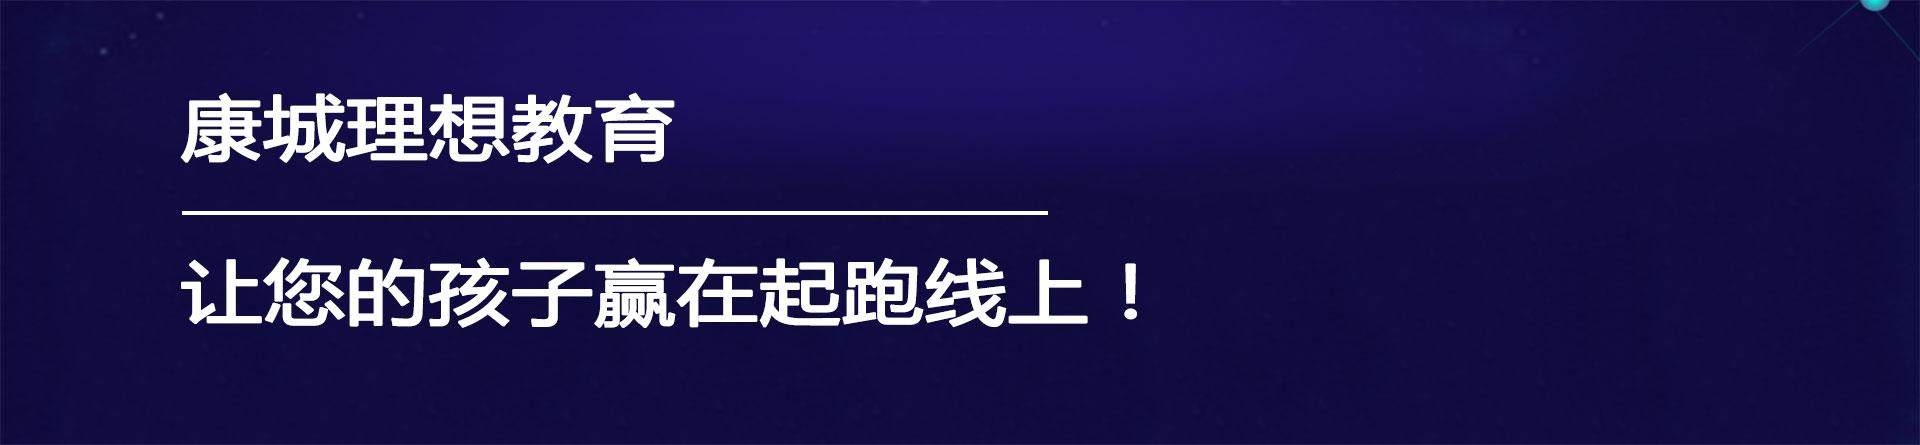 郑州康城理想教育